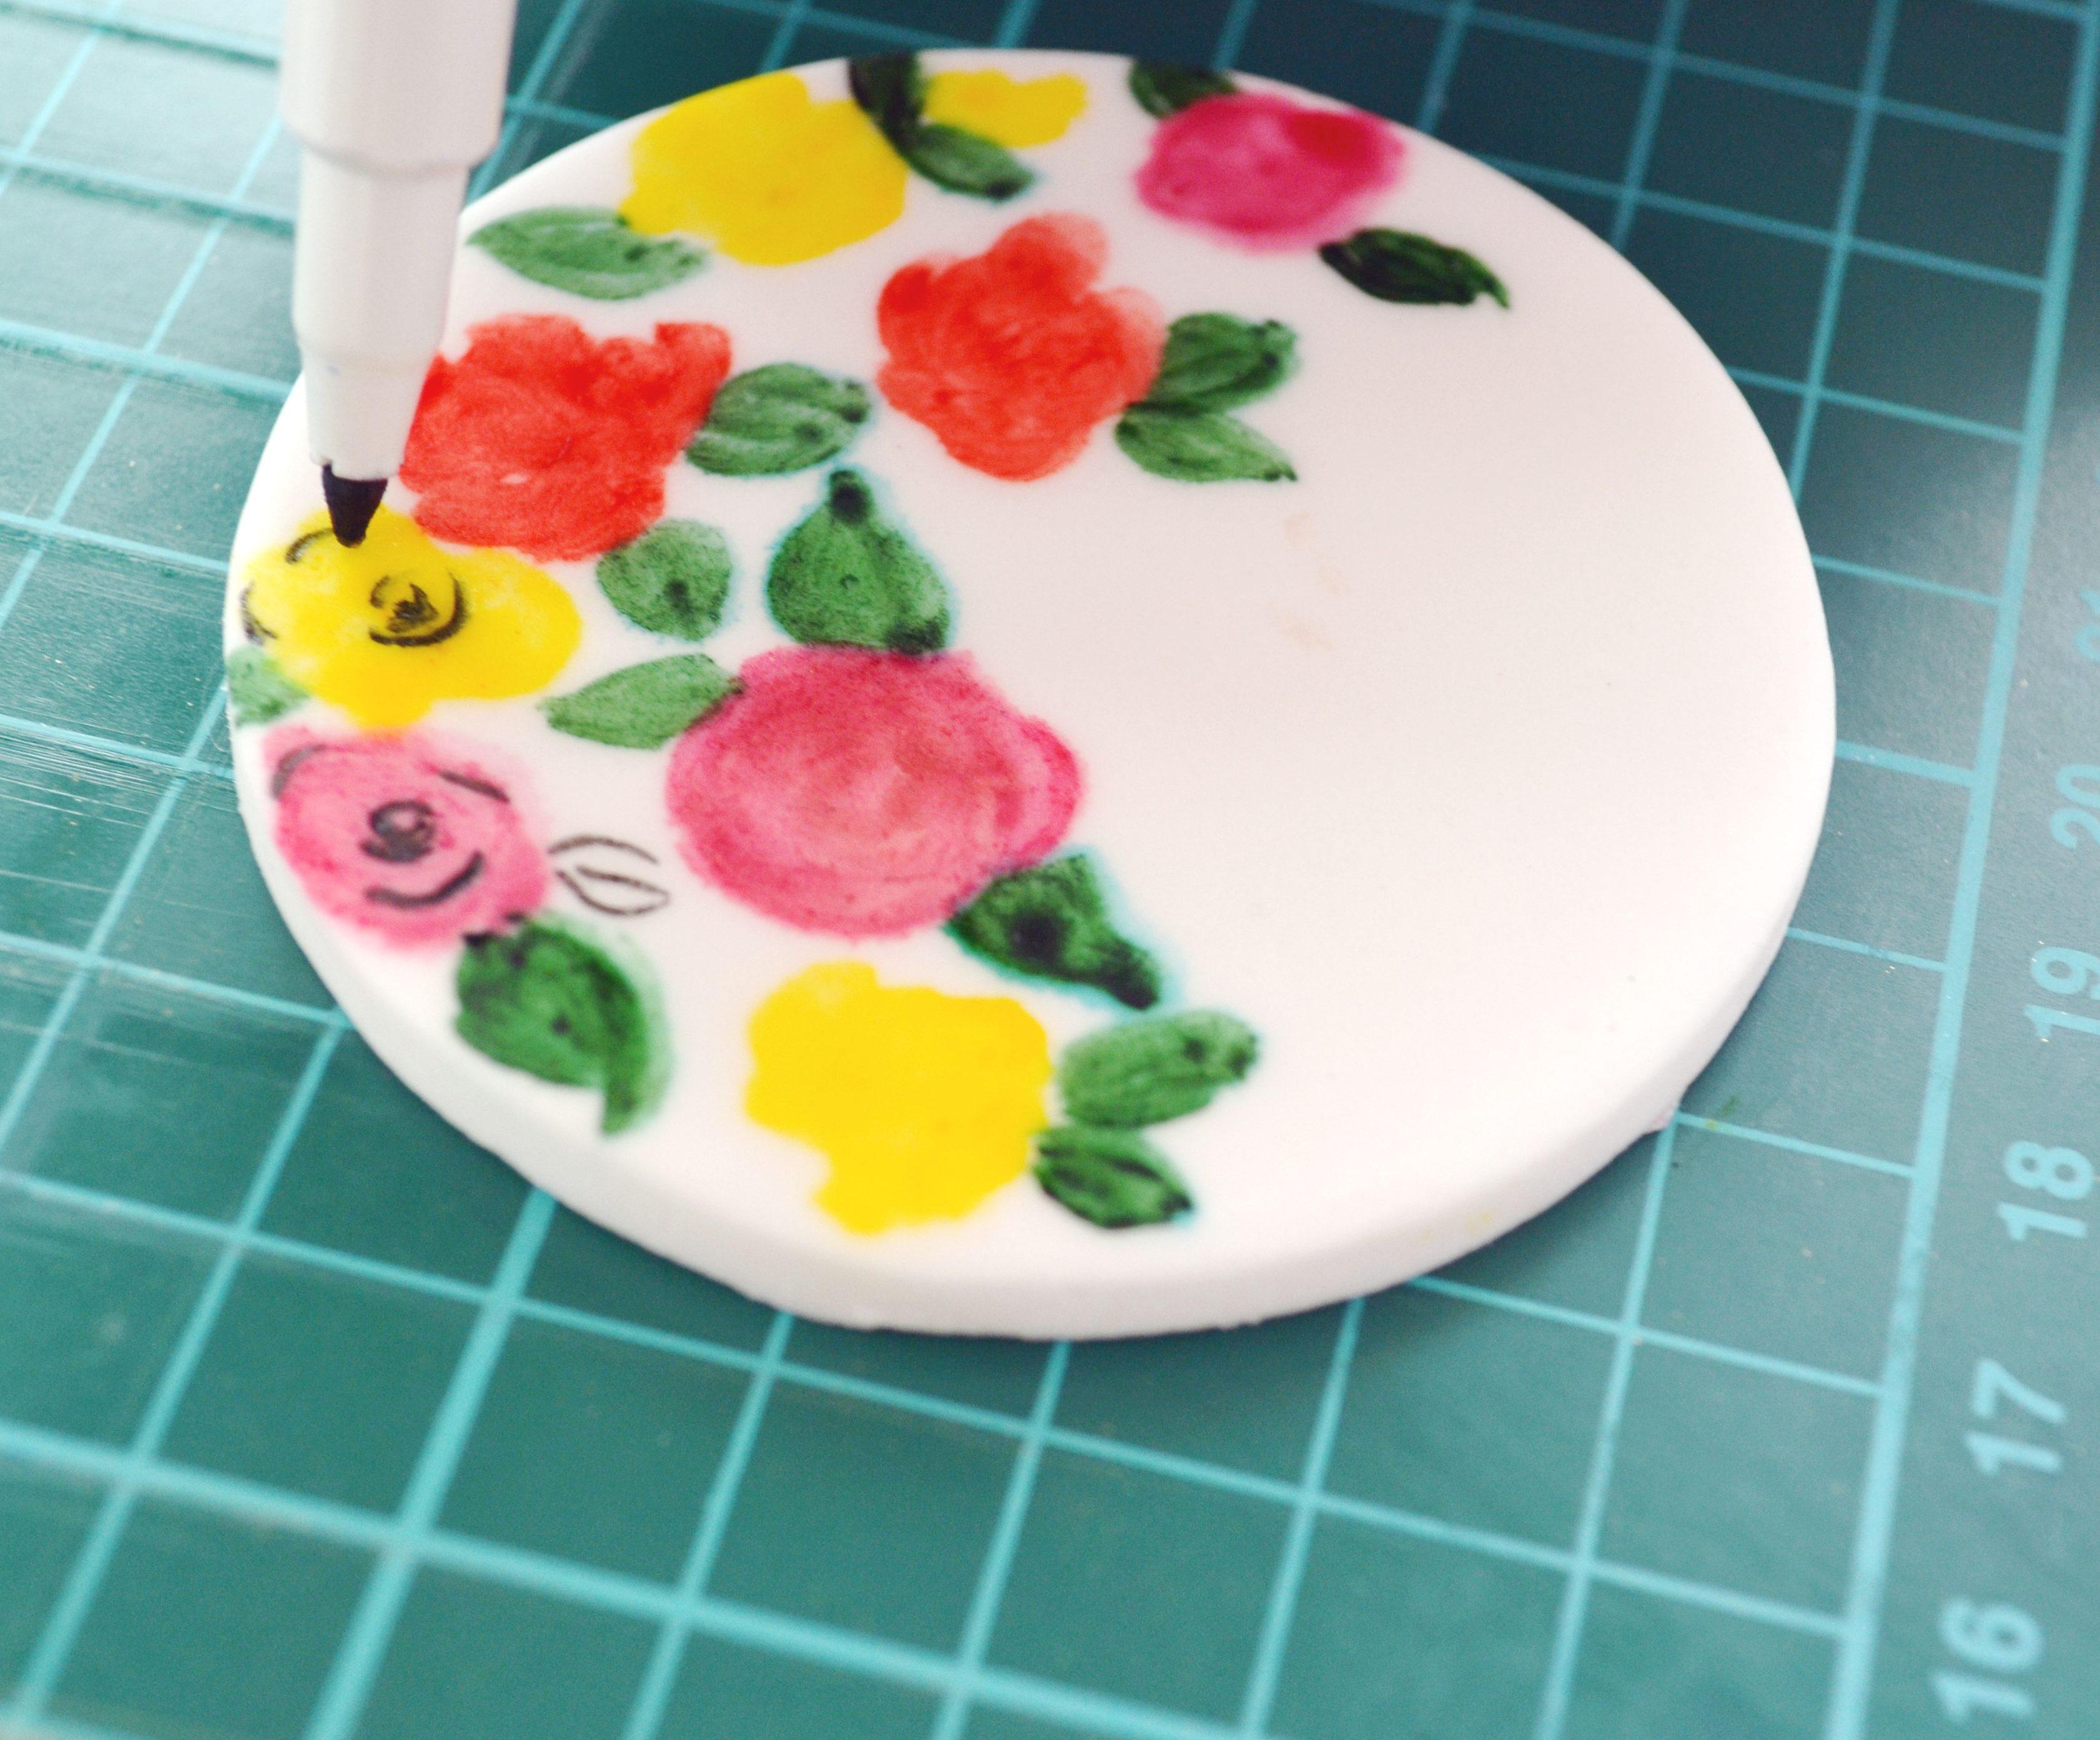 edible-pen-cupcake-decoration